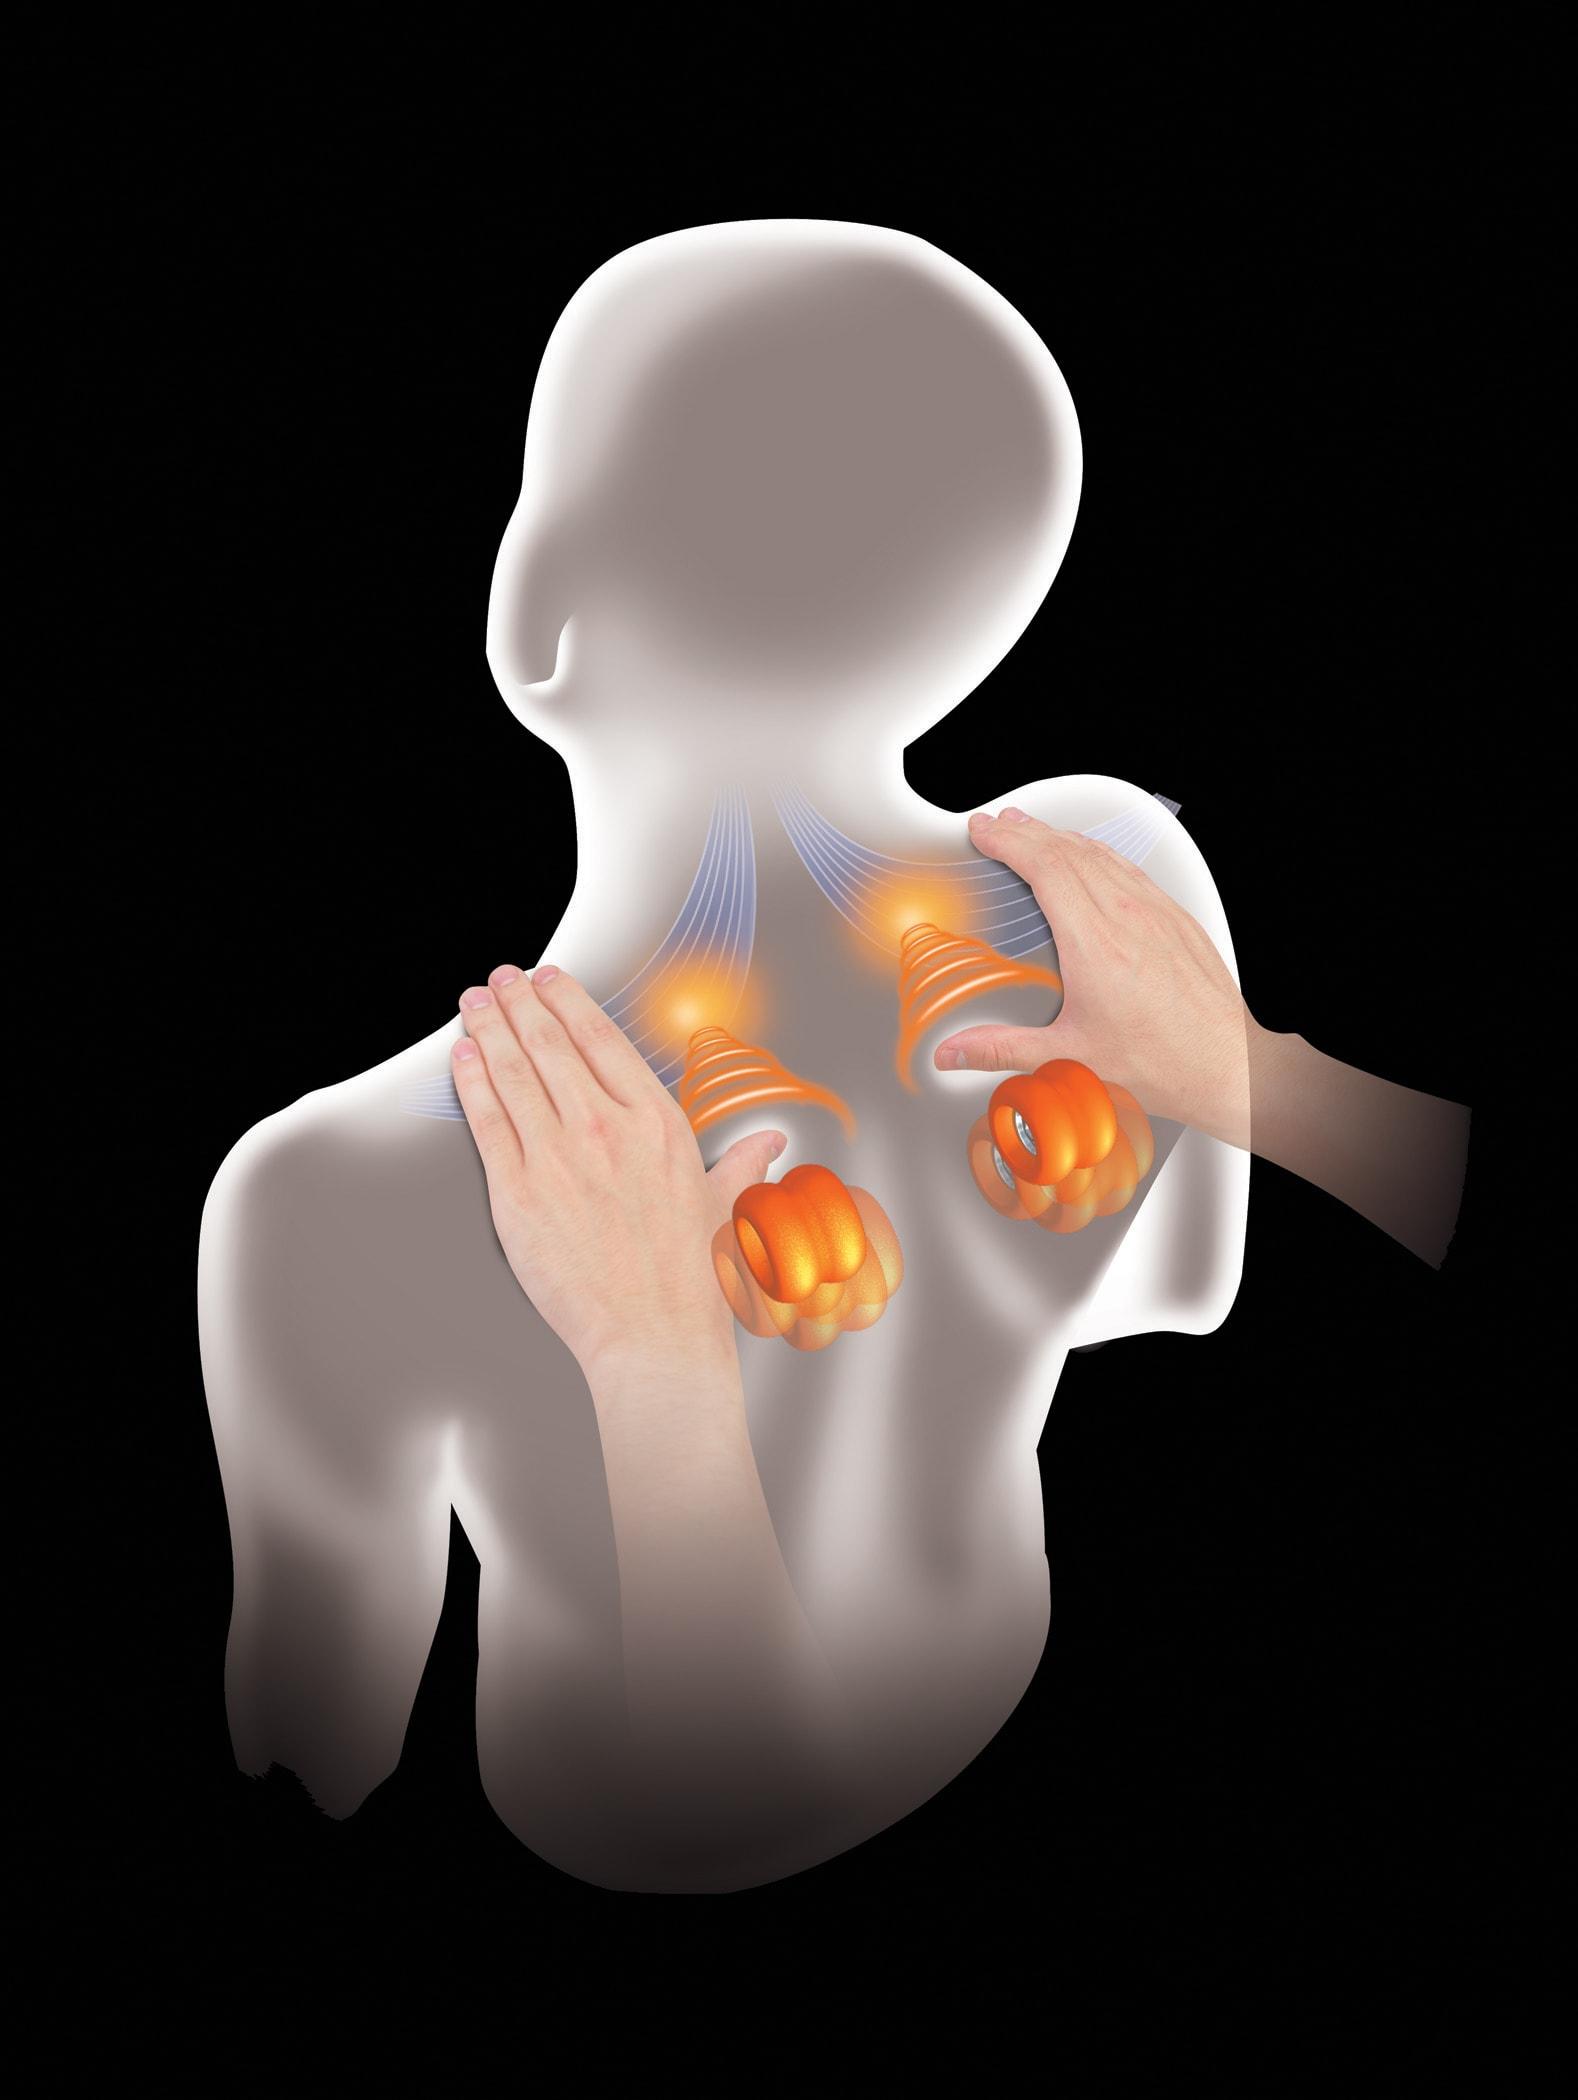 Nacken/Schulterschmerzen - der Hot Stone von Panasonic hilft Ihnen - testen bei massagesessel.at